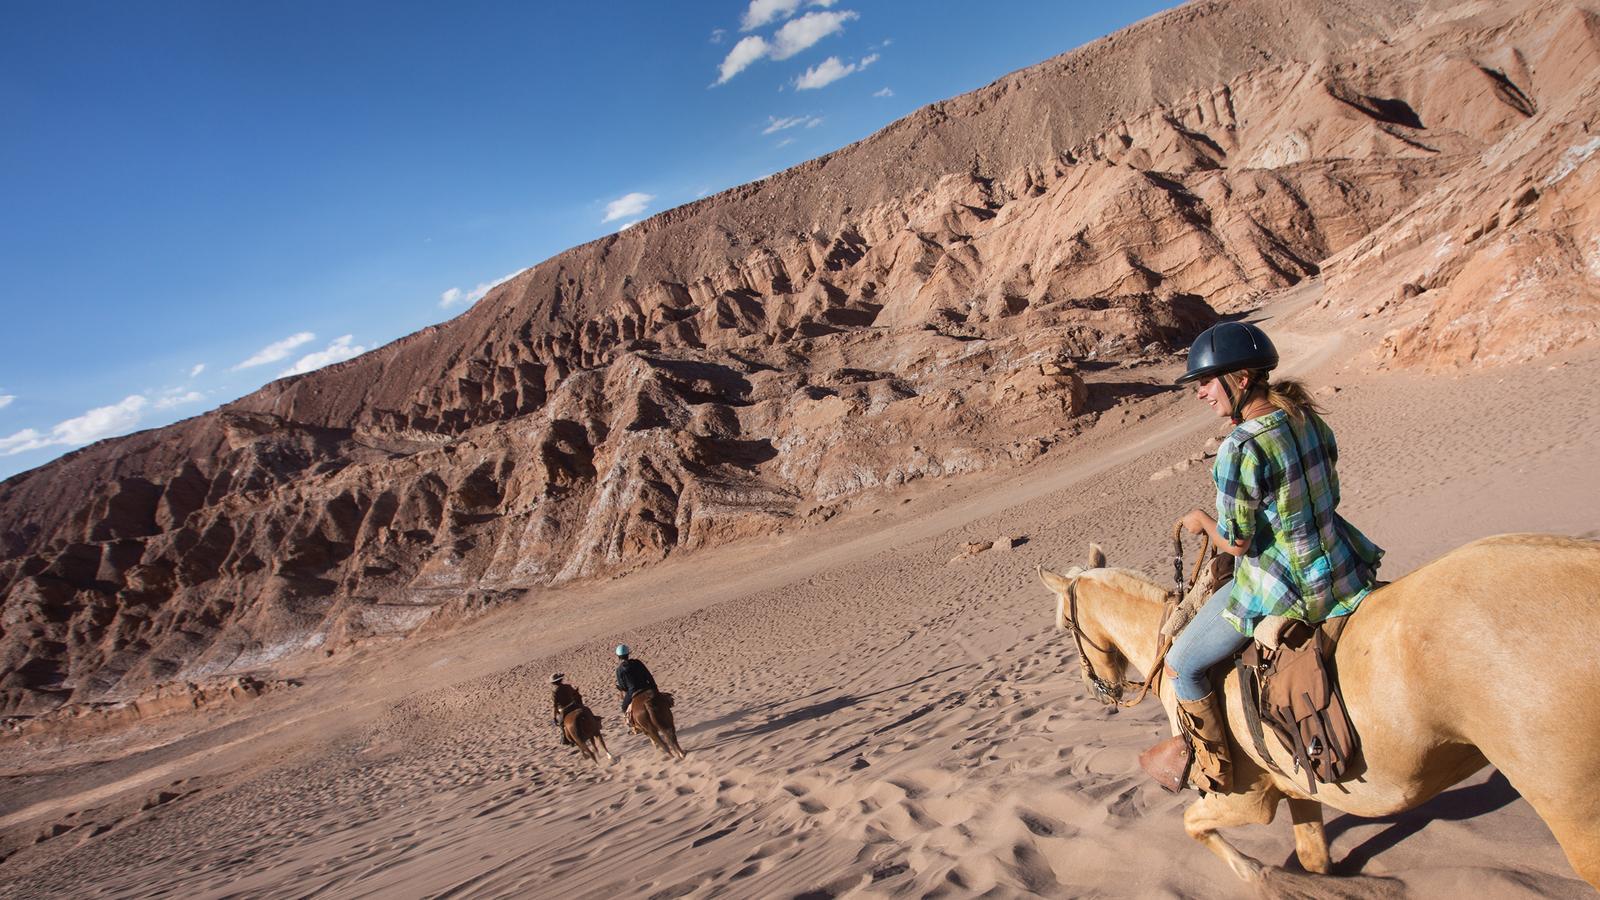 Südamerika Reise für junge Leute in der Gruppe Argentinien Bolivien Brasilien Chile Ecuador Inca Trail Machu Picchu Peru Uruguay preiswert reisen traveljunkies